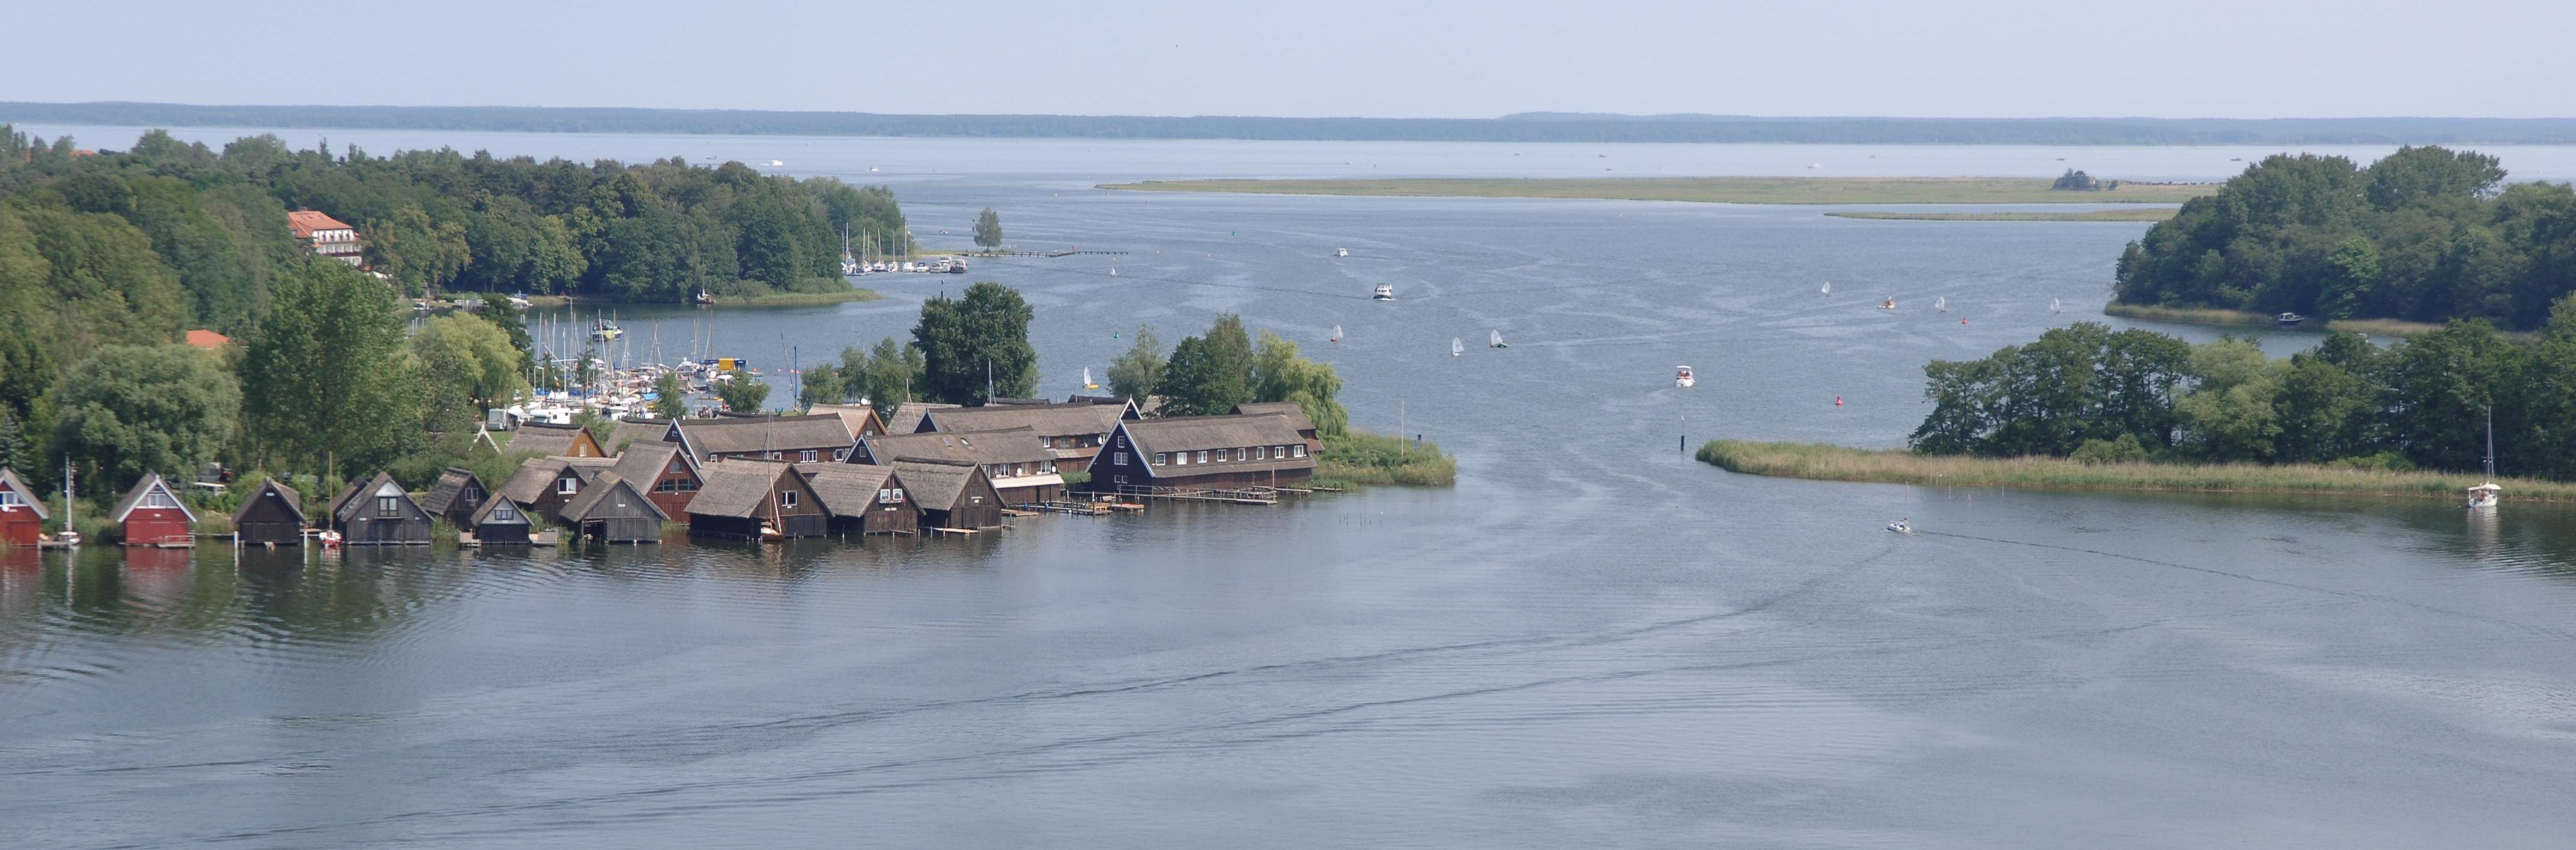 6-daagse fietsvakantie Mecklenburgse Meren